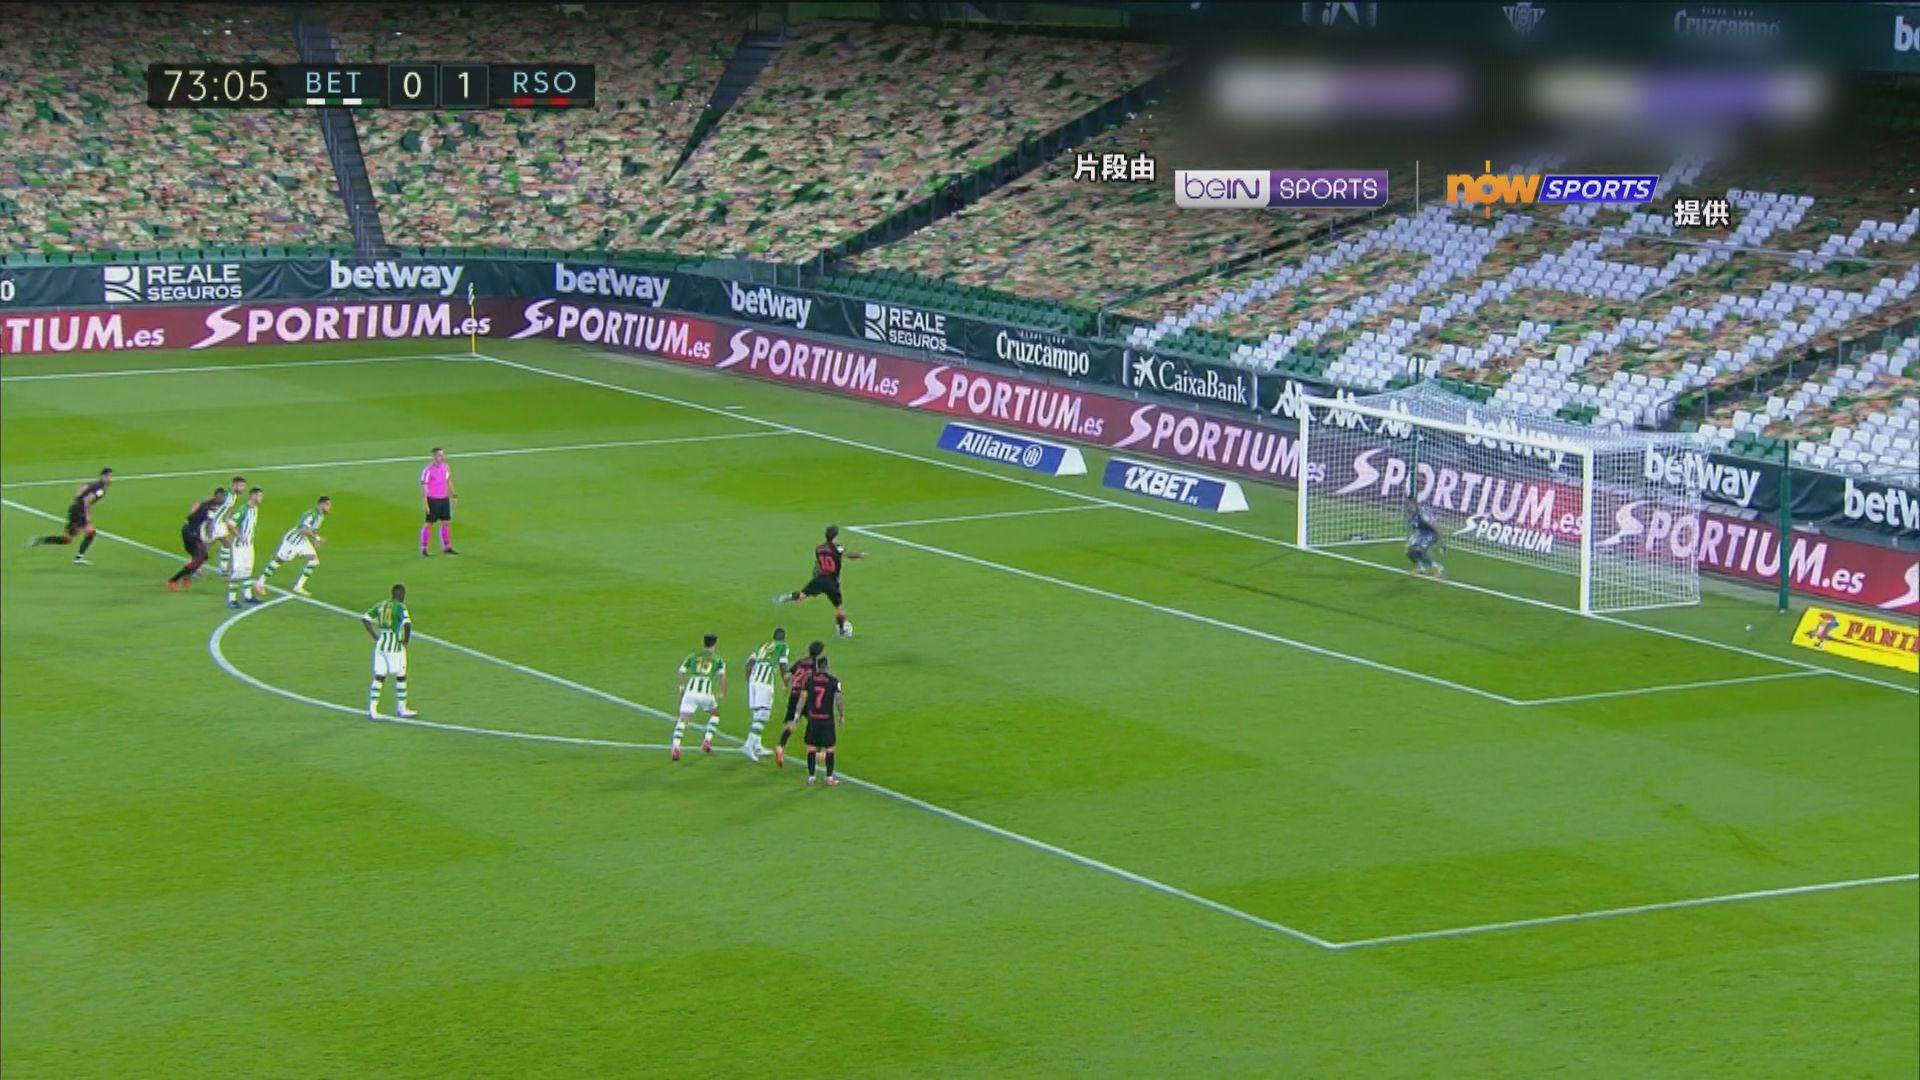 西甲 貝迪斯0:3皇家蘇斯達